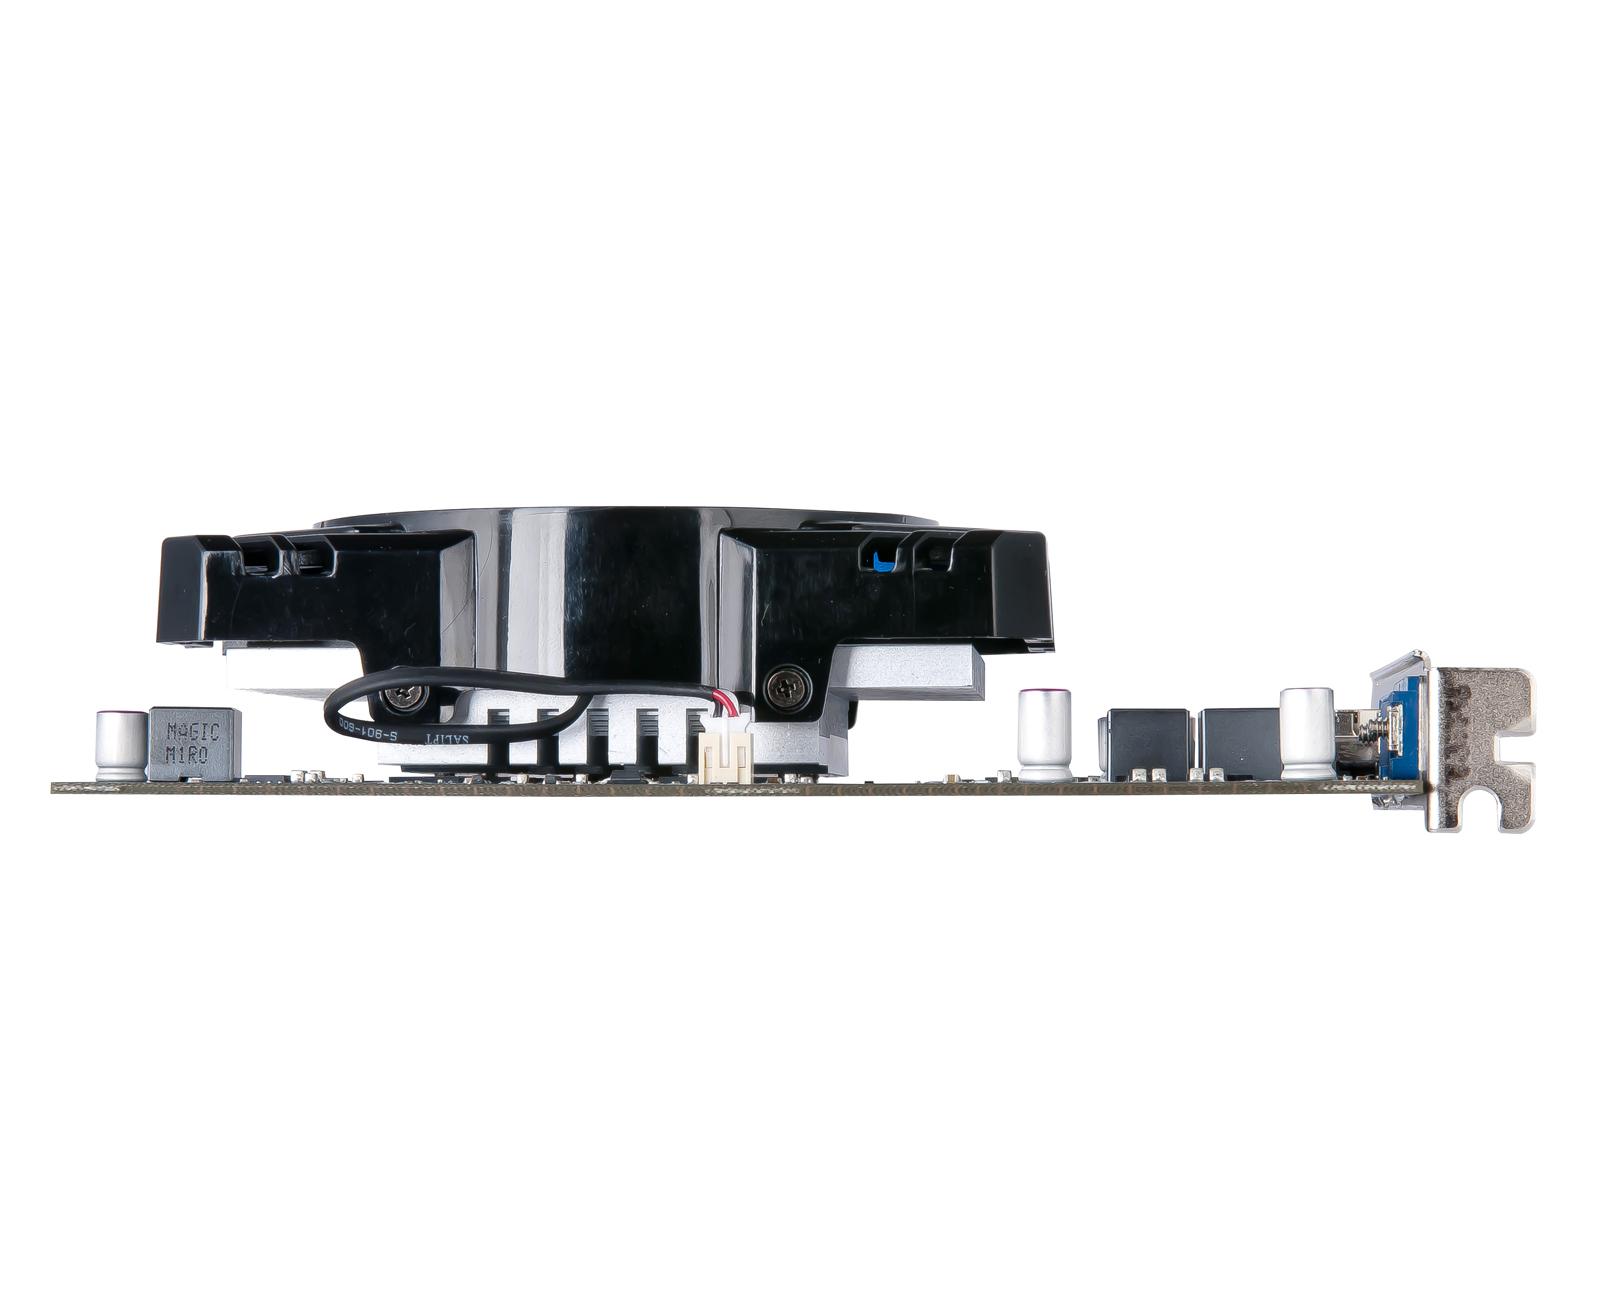 HIS R7 250 iCooler Boost Clock 2GB DDR3 PCI-E HDMI/SLDVI-D